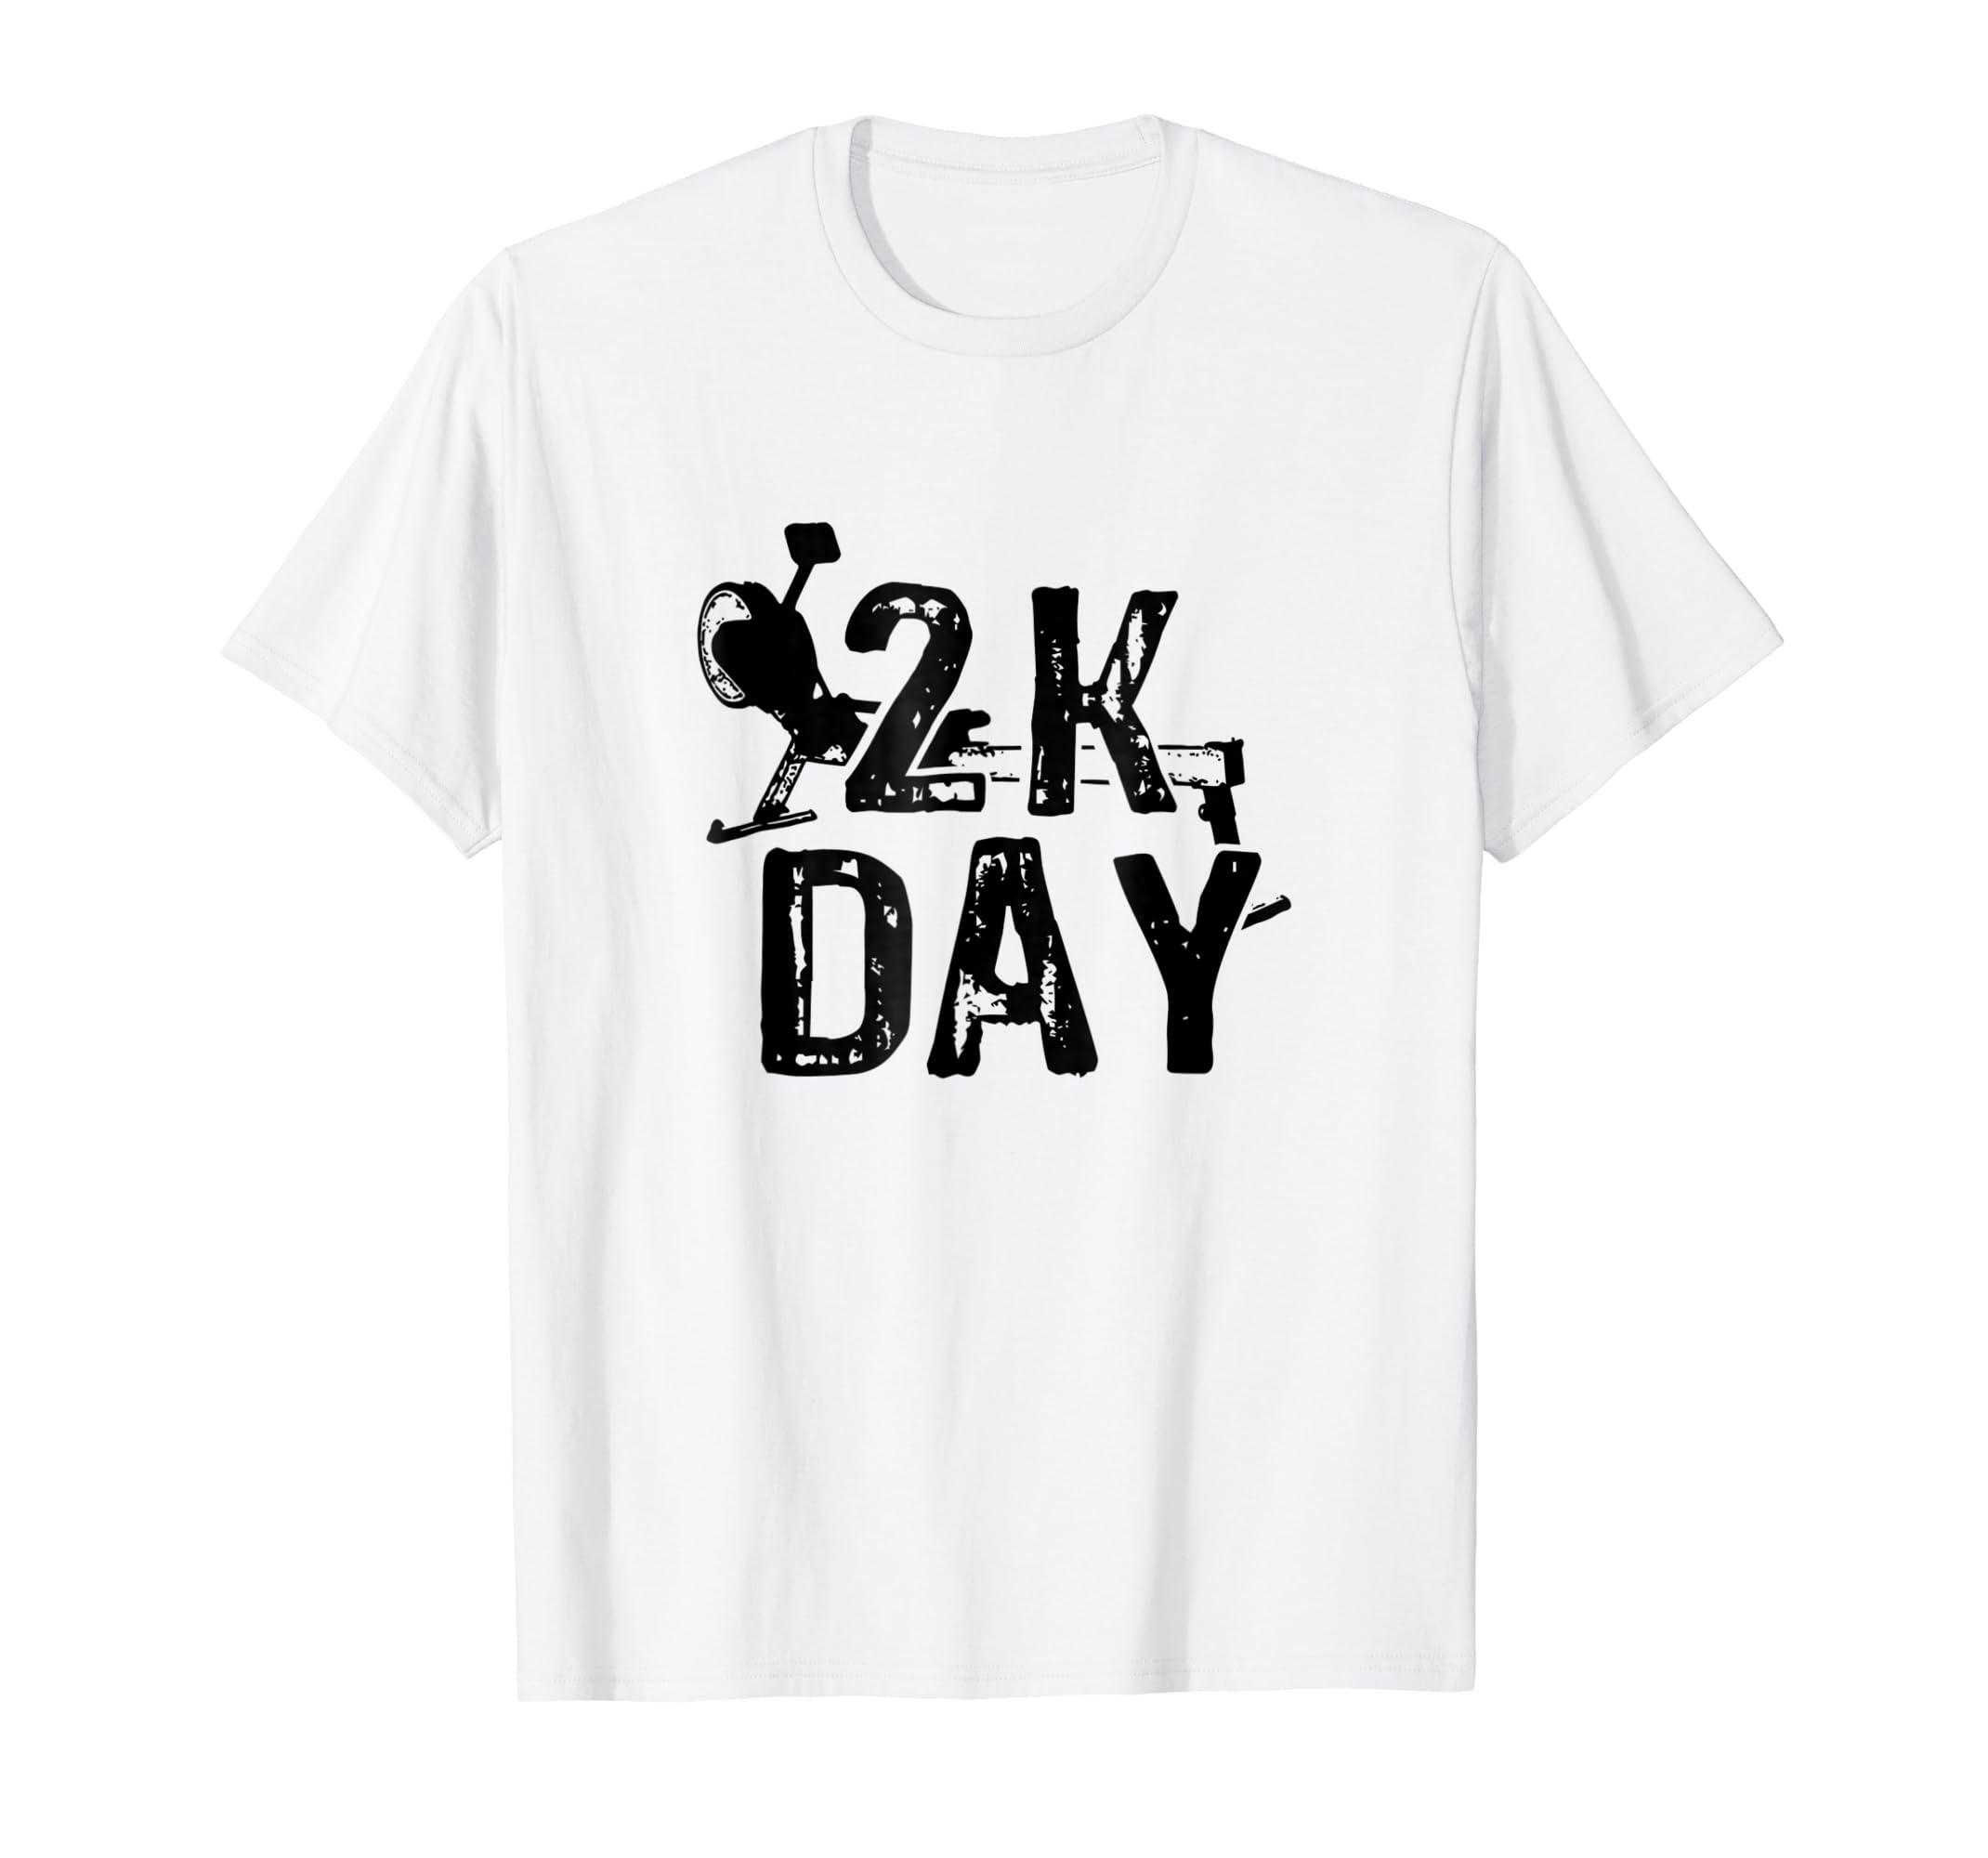 Amazon com: 2K Day Rowing T-Shirt Crew Gift 2k Erg Ergometer